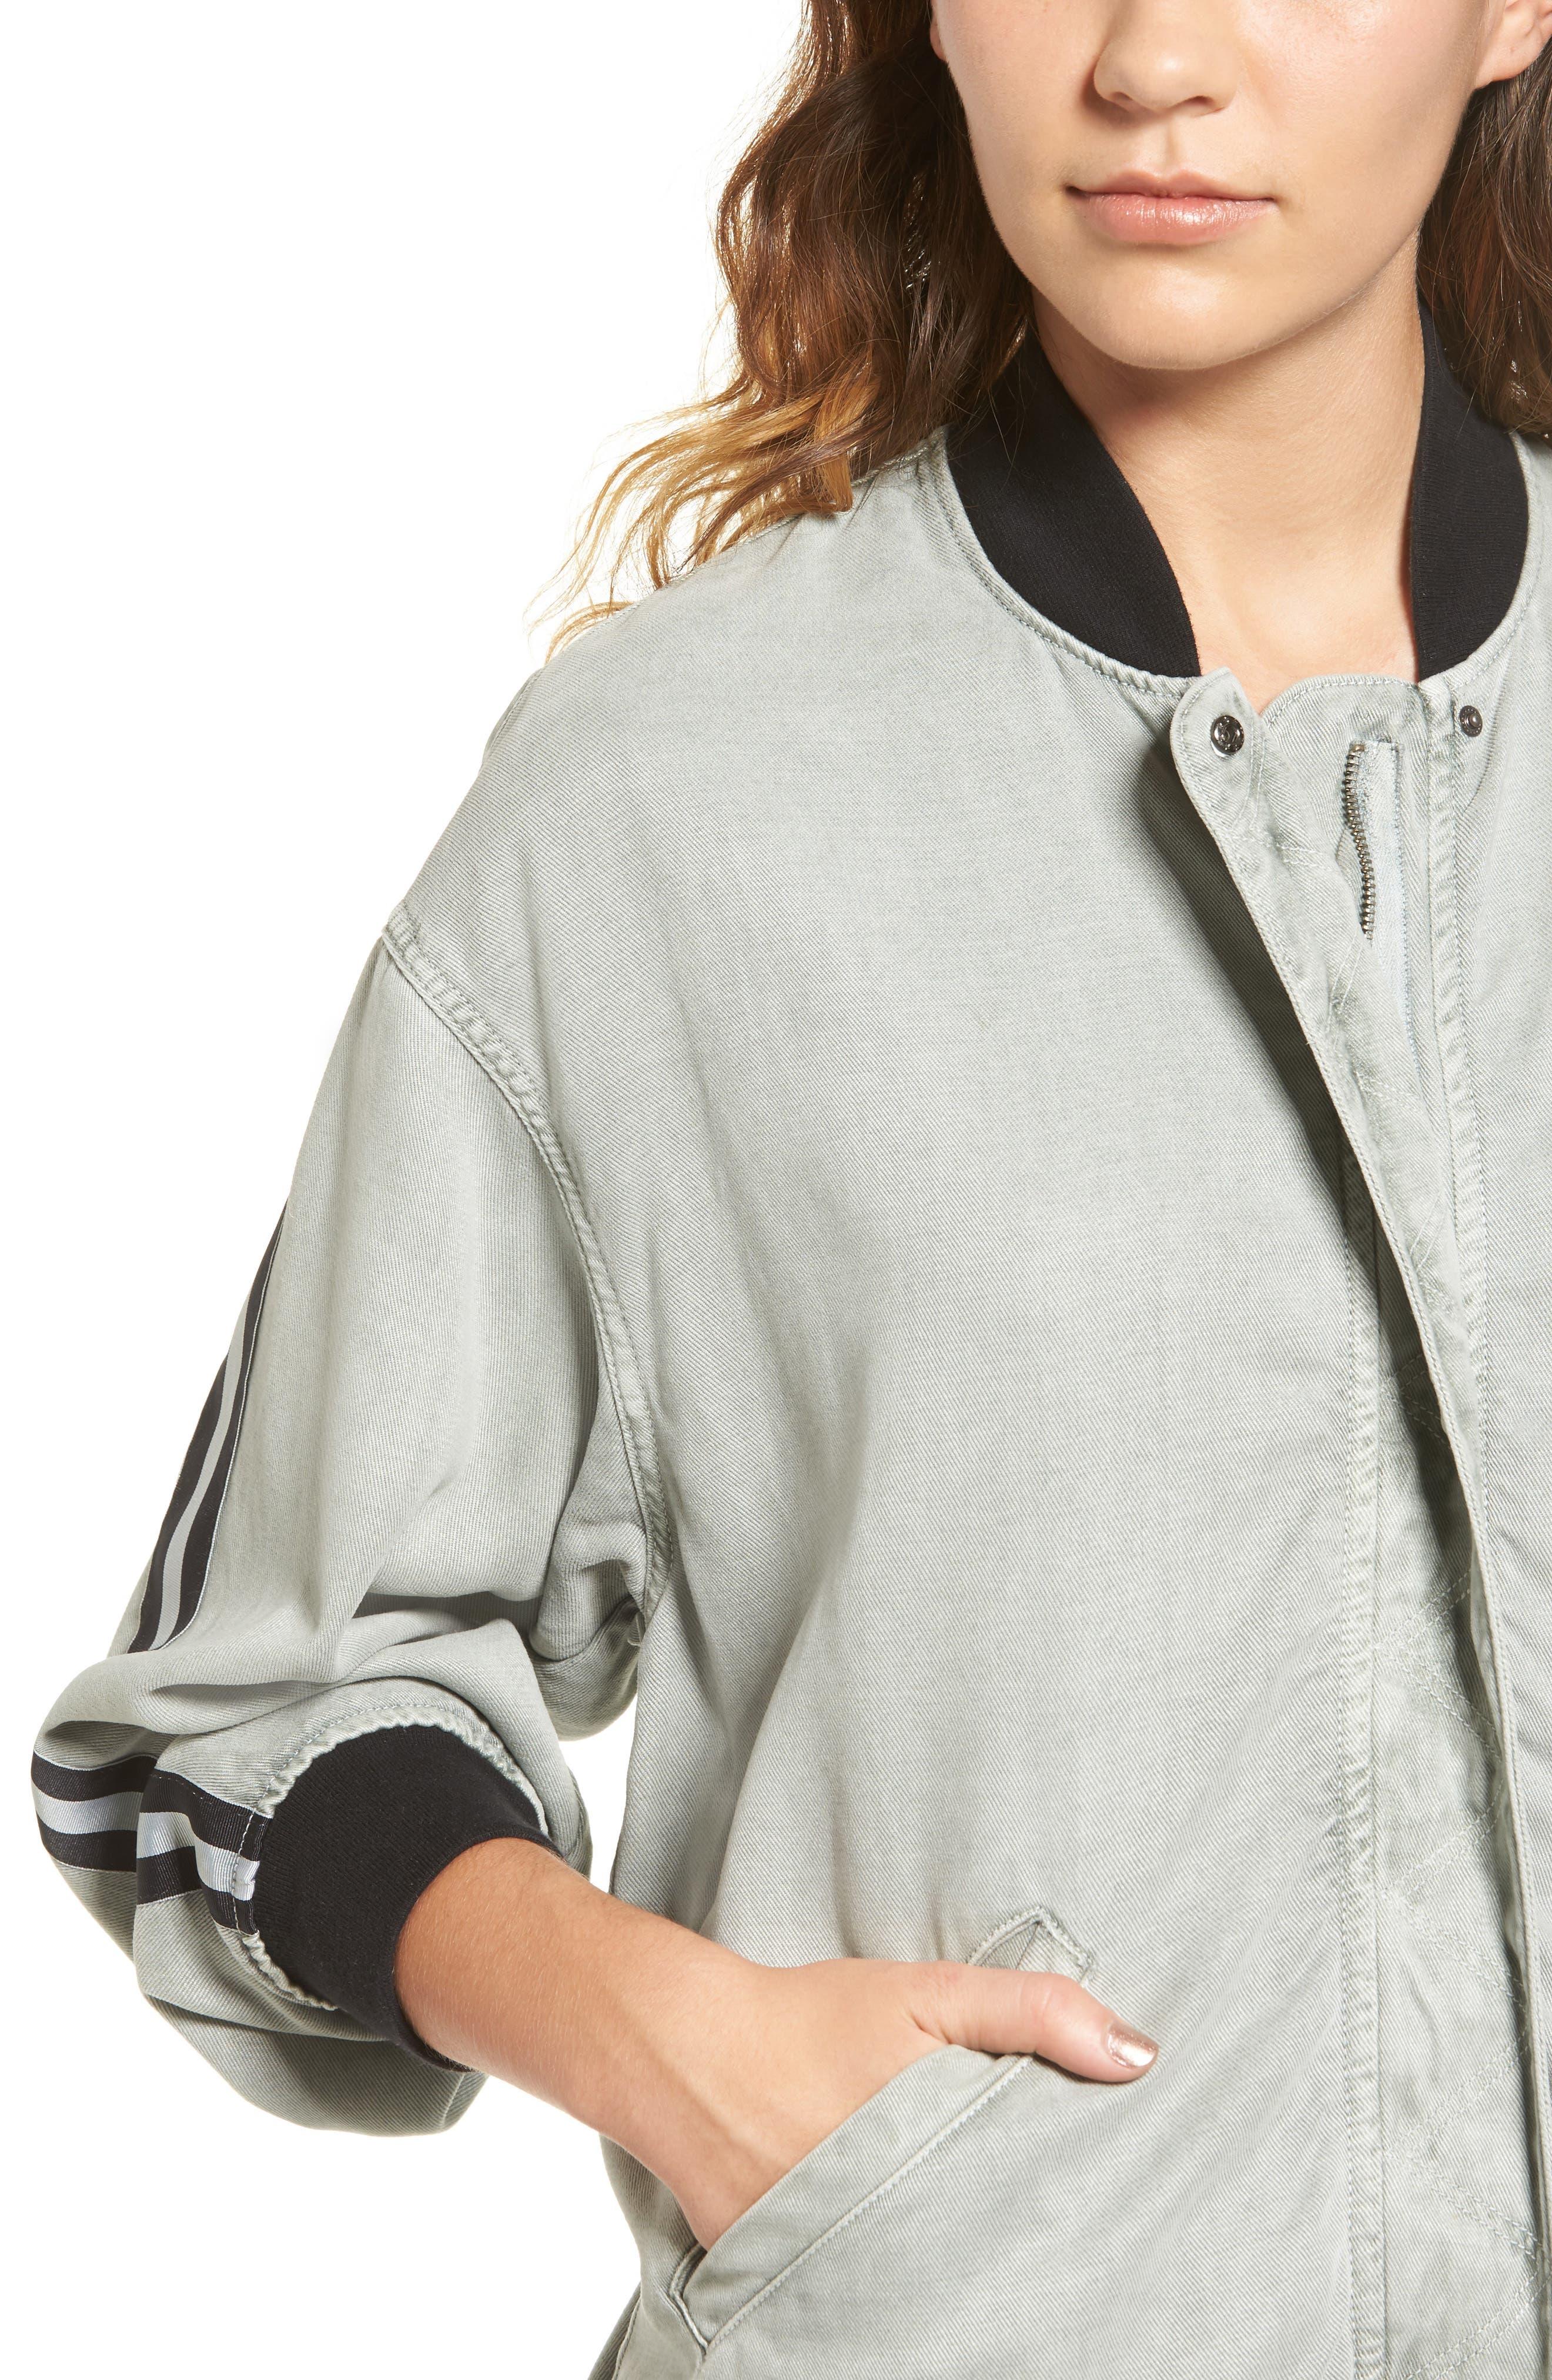 Nova Varsity Jacket,                             Alternate thumbnail 4, color,                             432